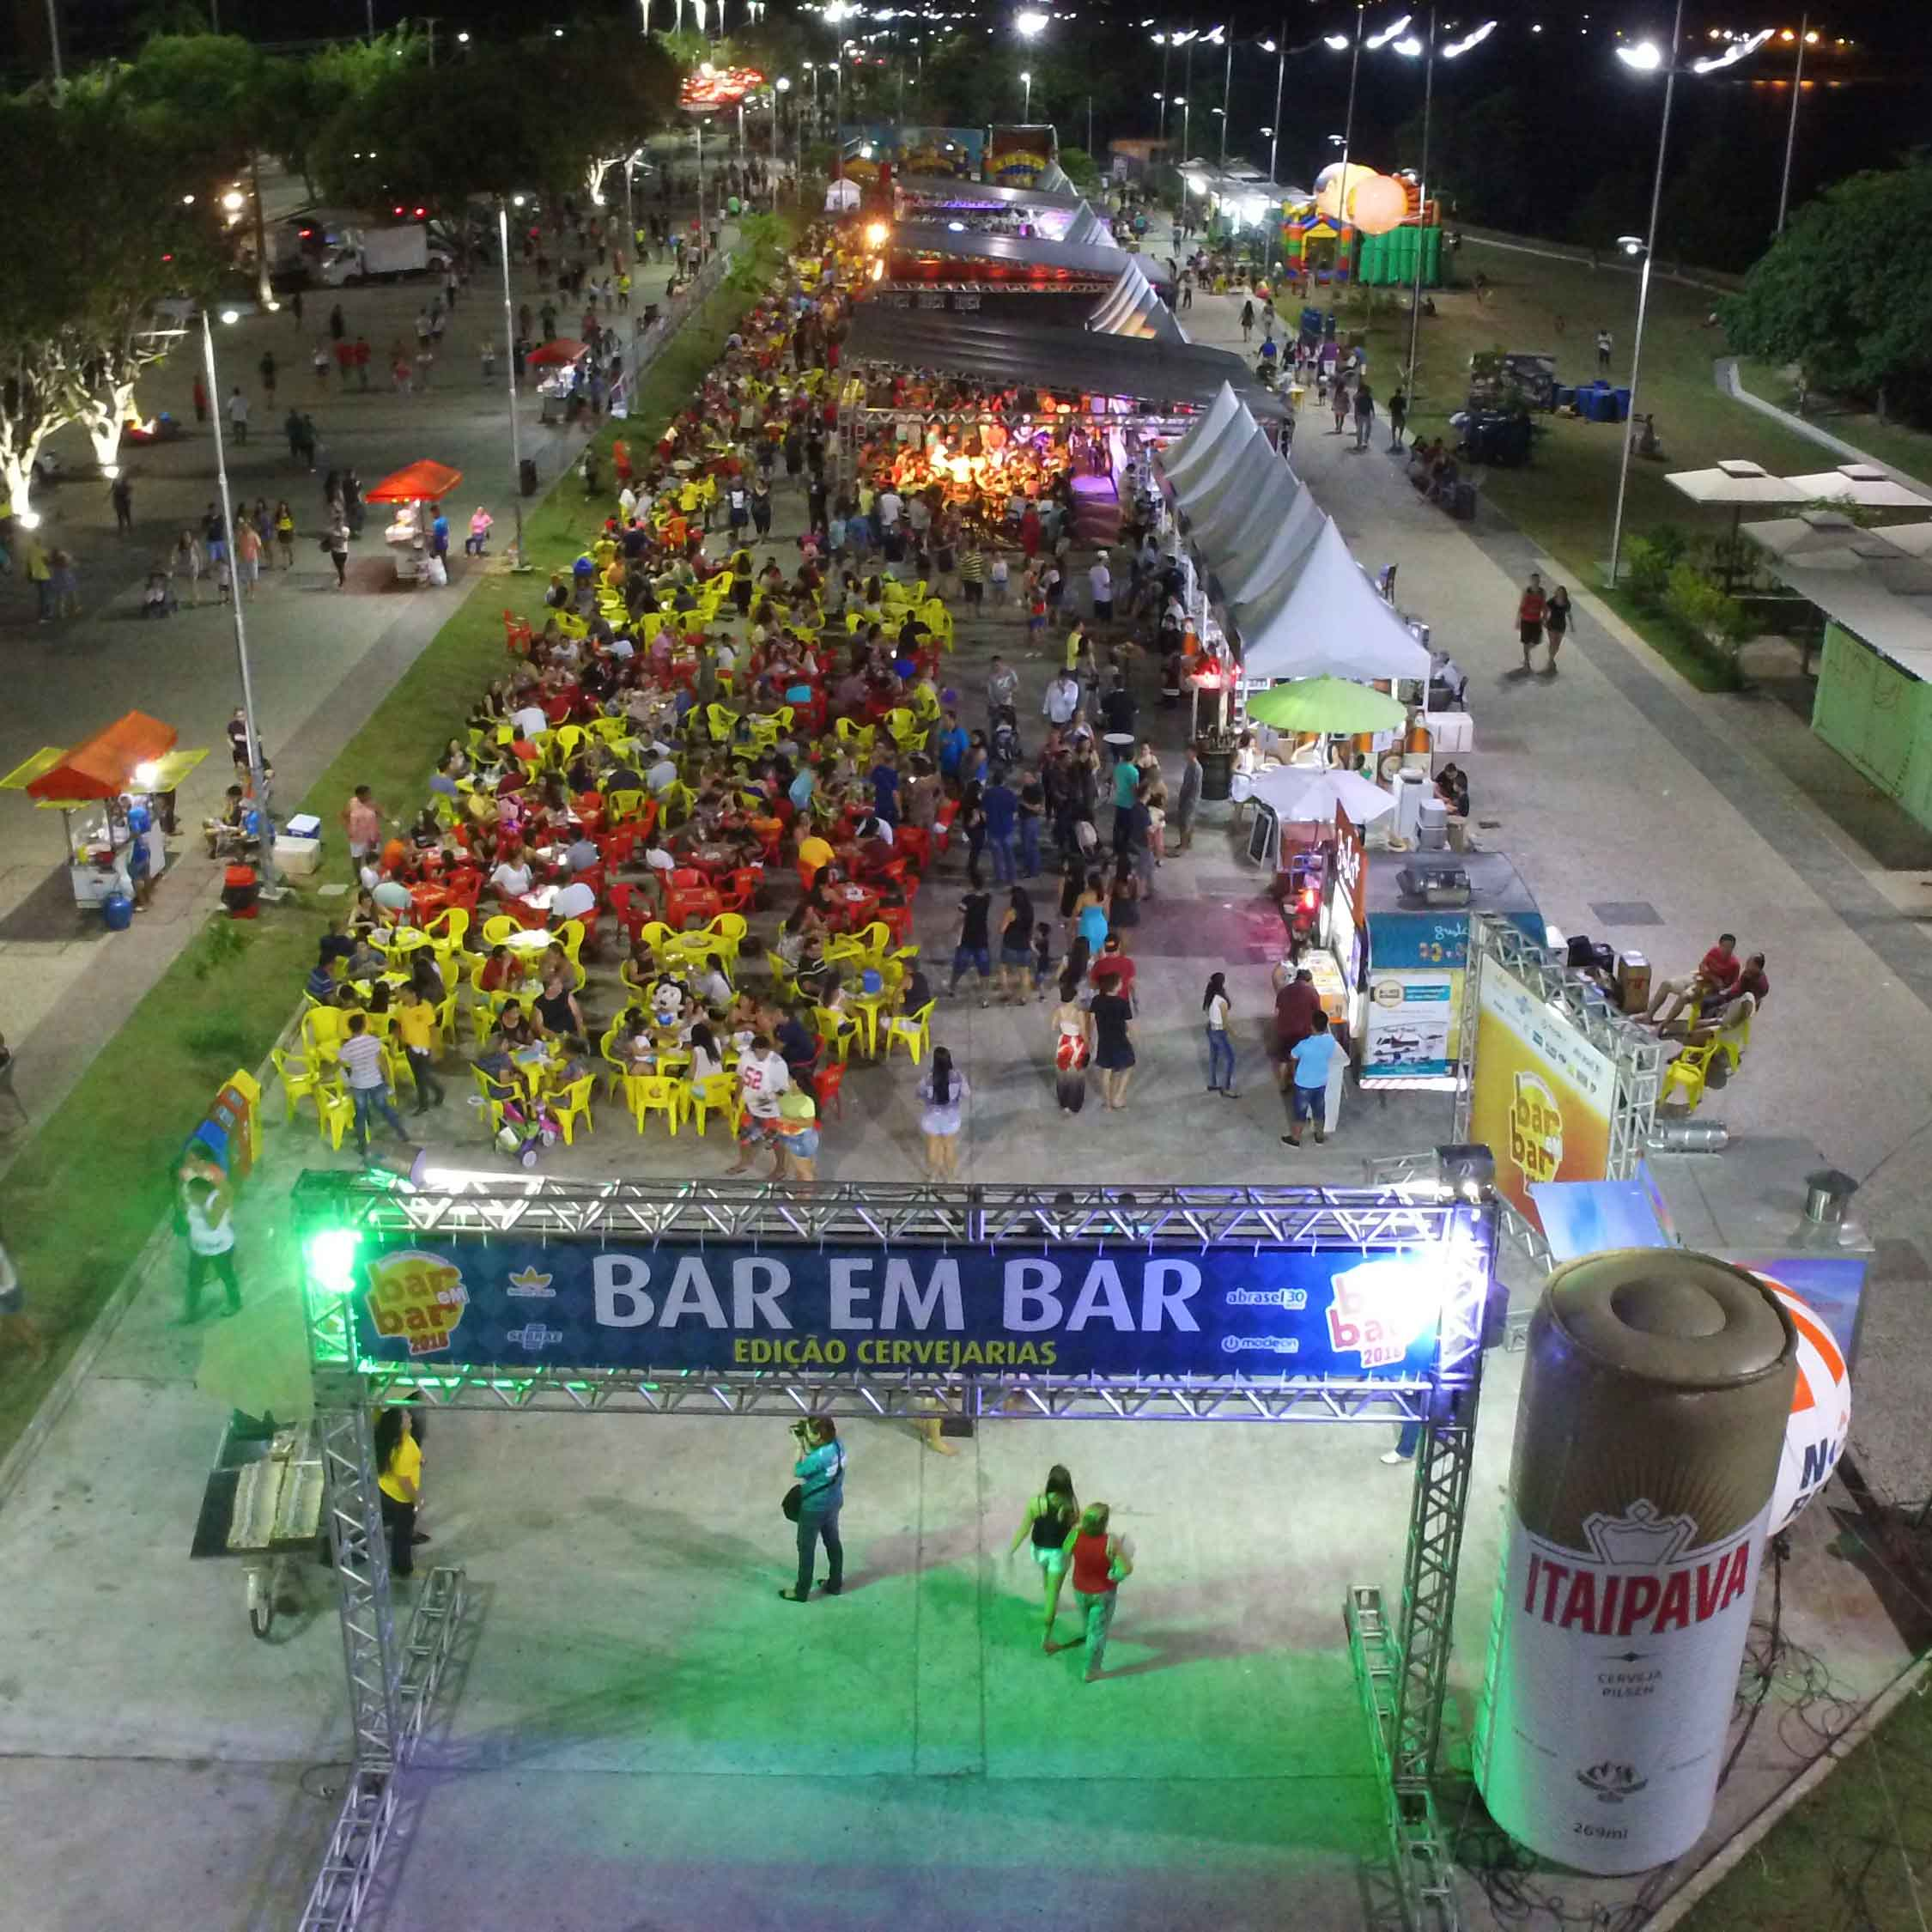 Bar em Bar – Edição Cervejarias